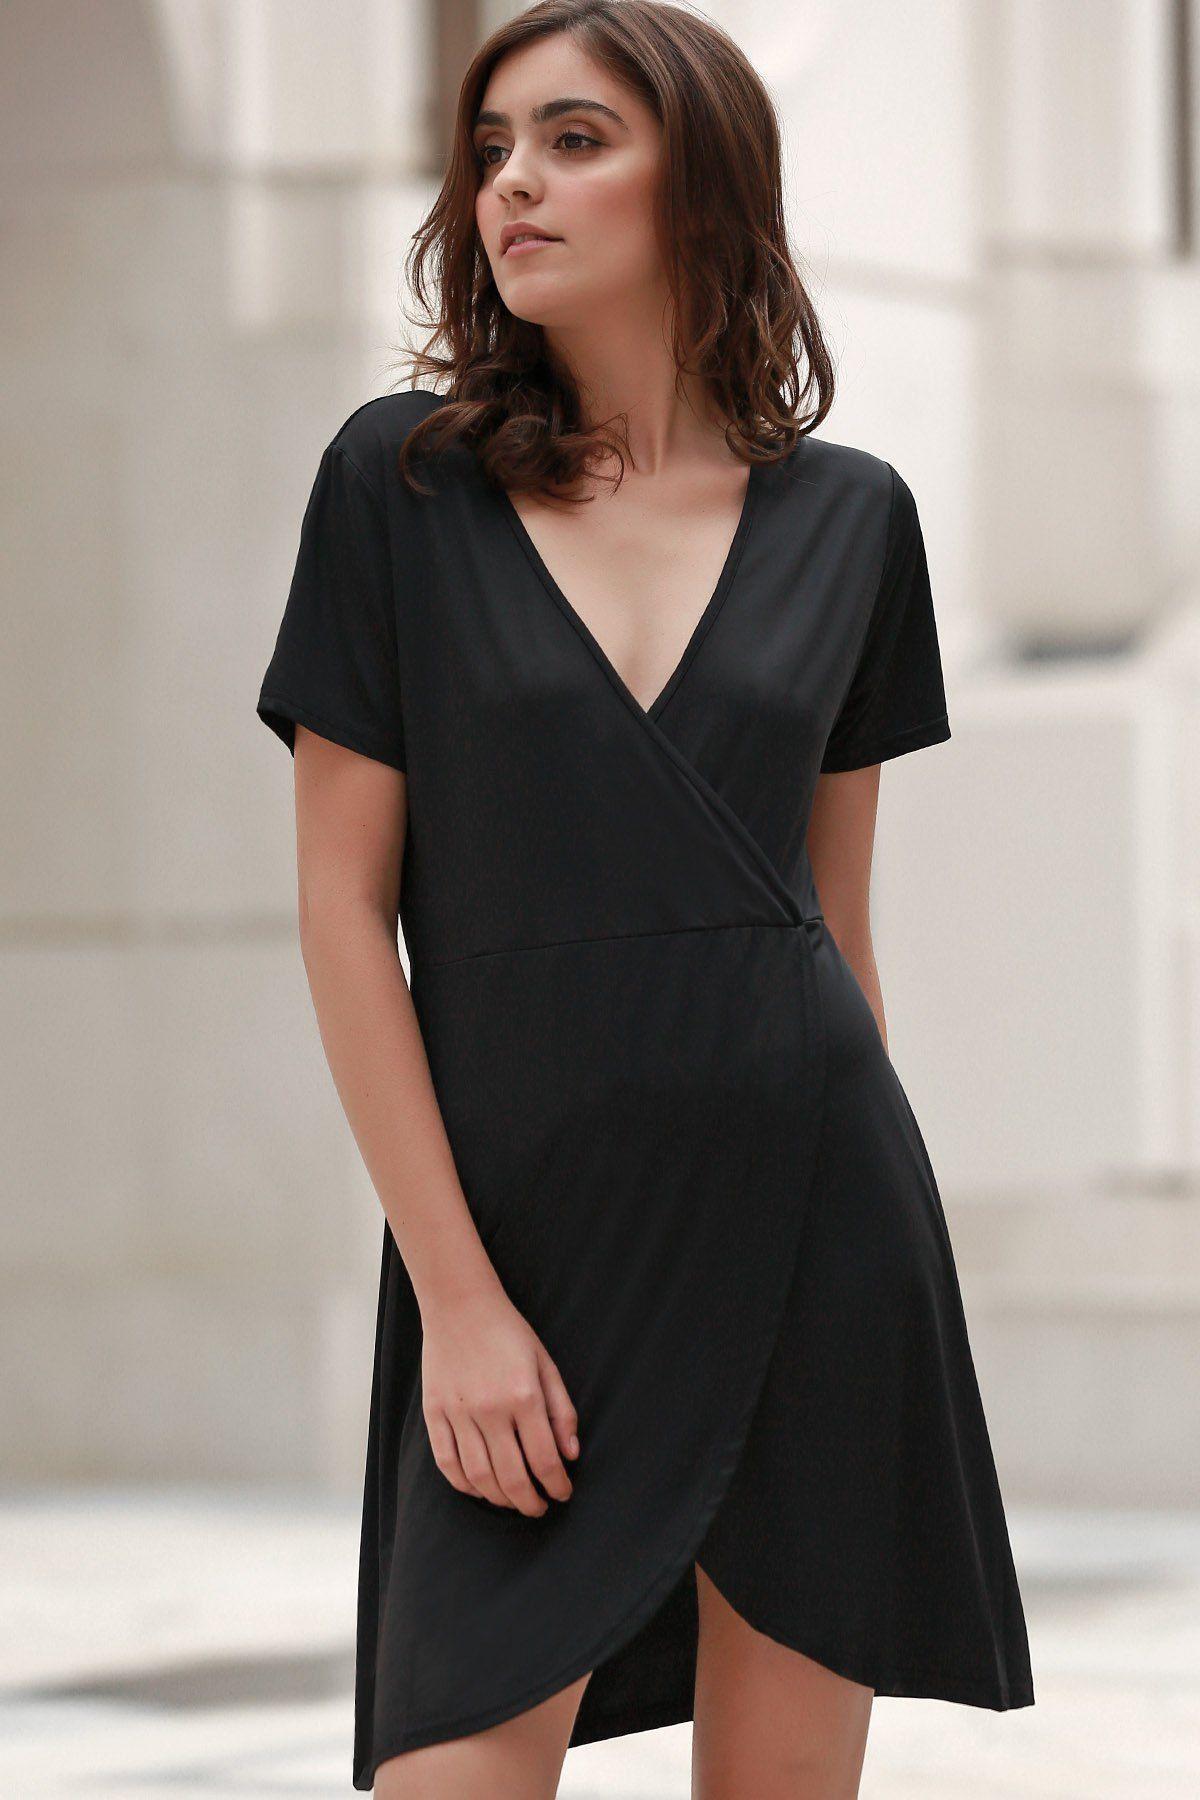 613386d3912 ... Short Sleeve Dress Black L. Solid Color Irregular Hem V Neck Tulip Dress  Fashion Dresses